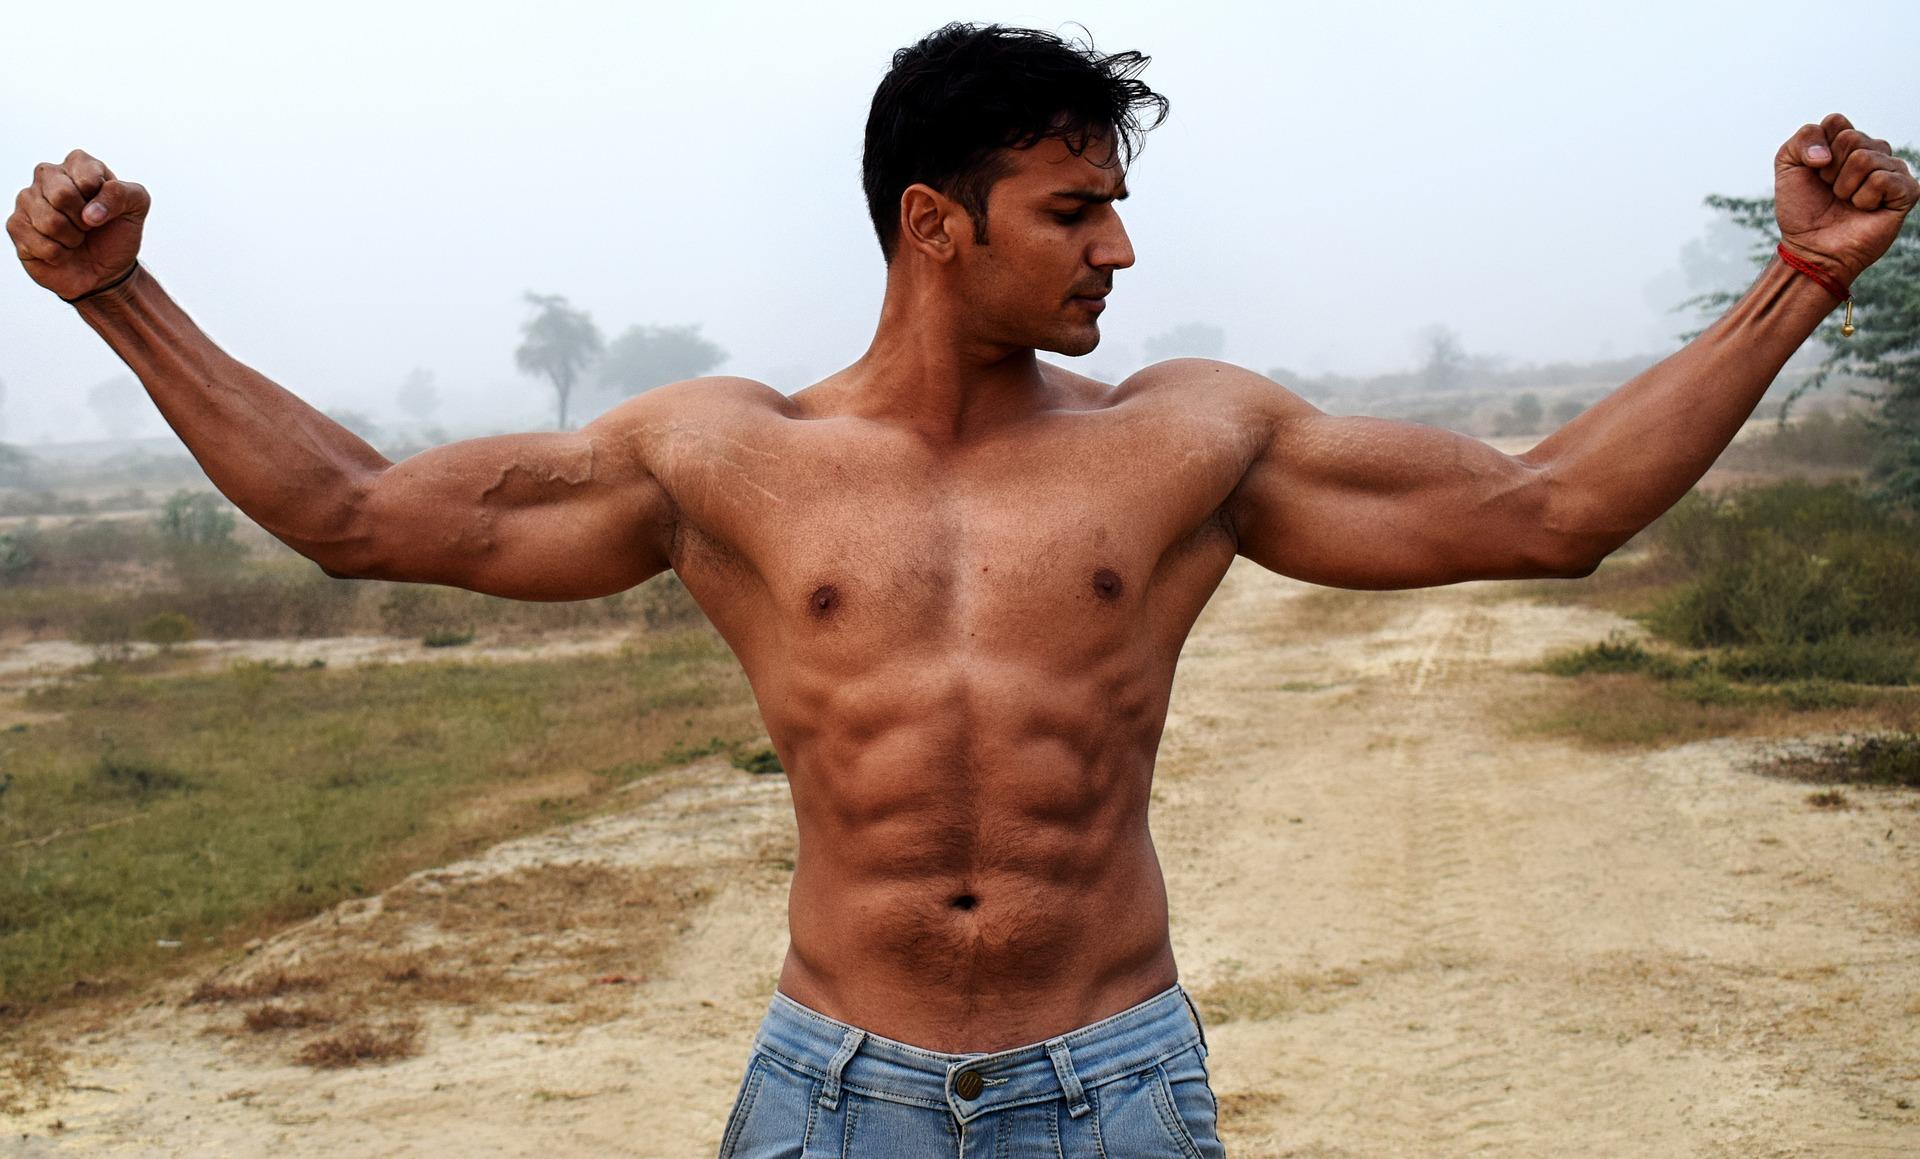 Bodybuilder diet: